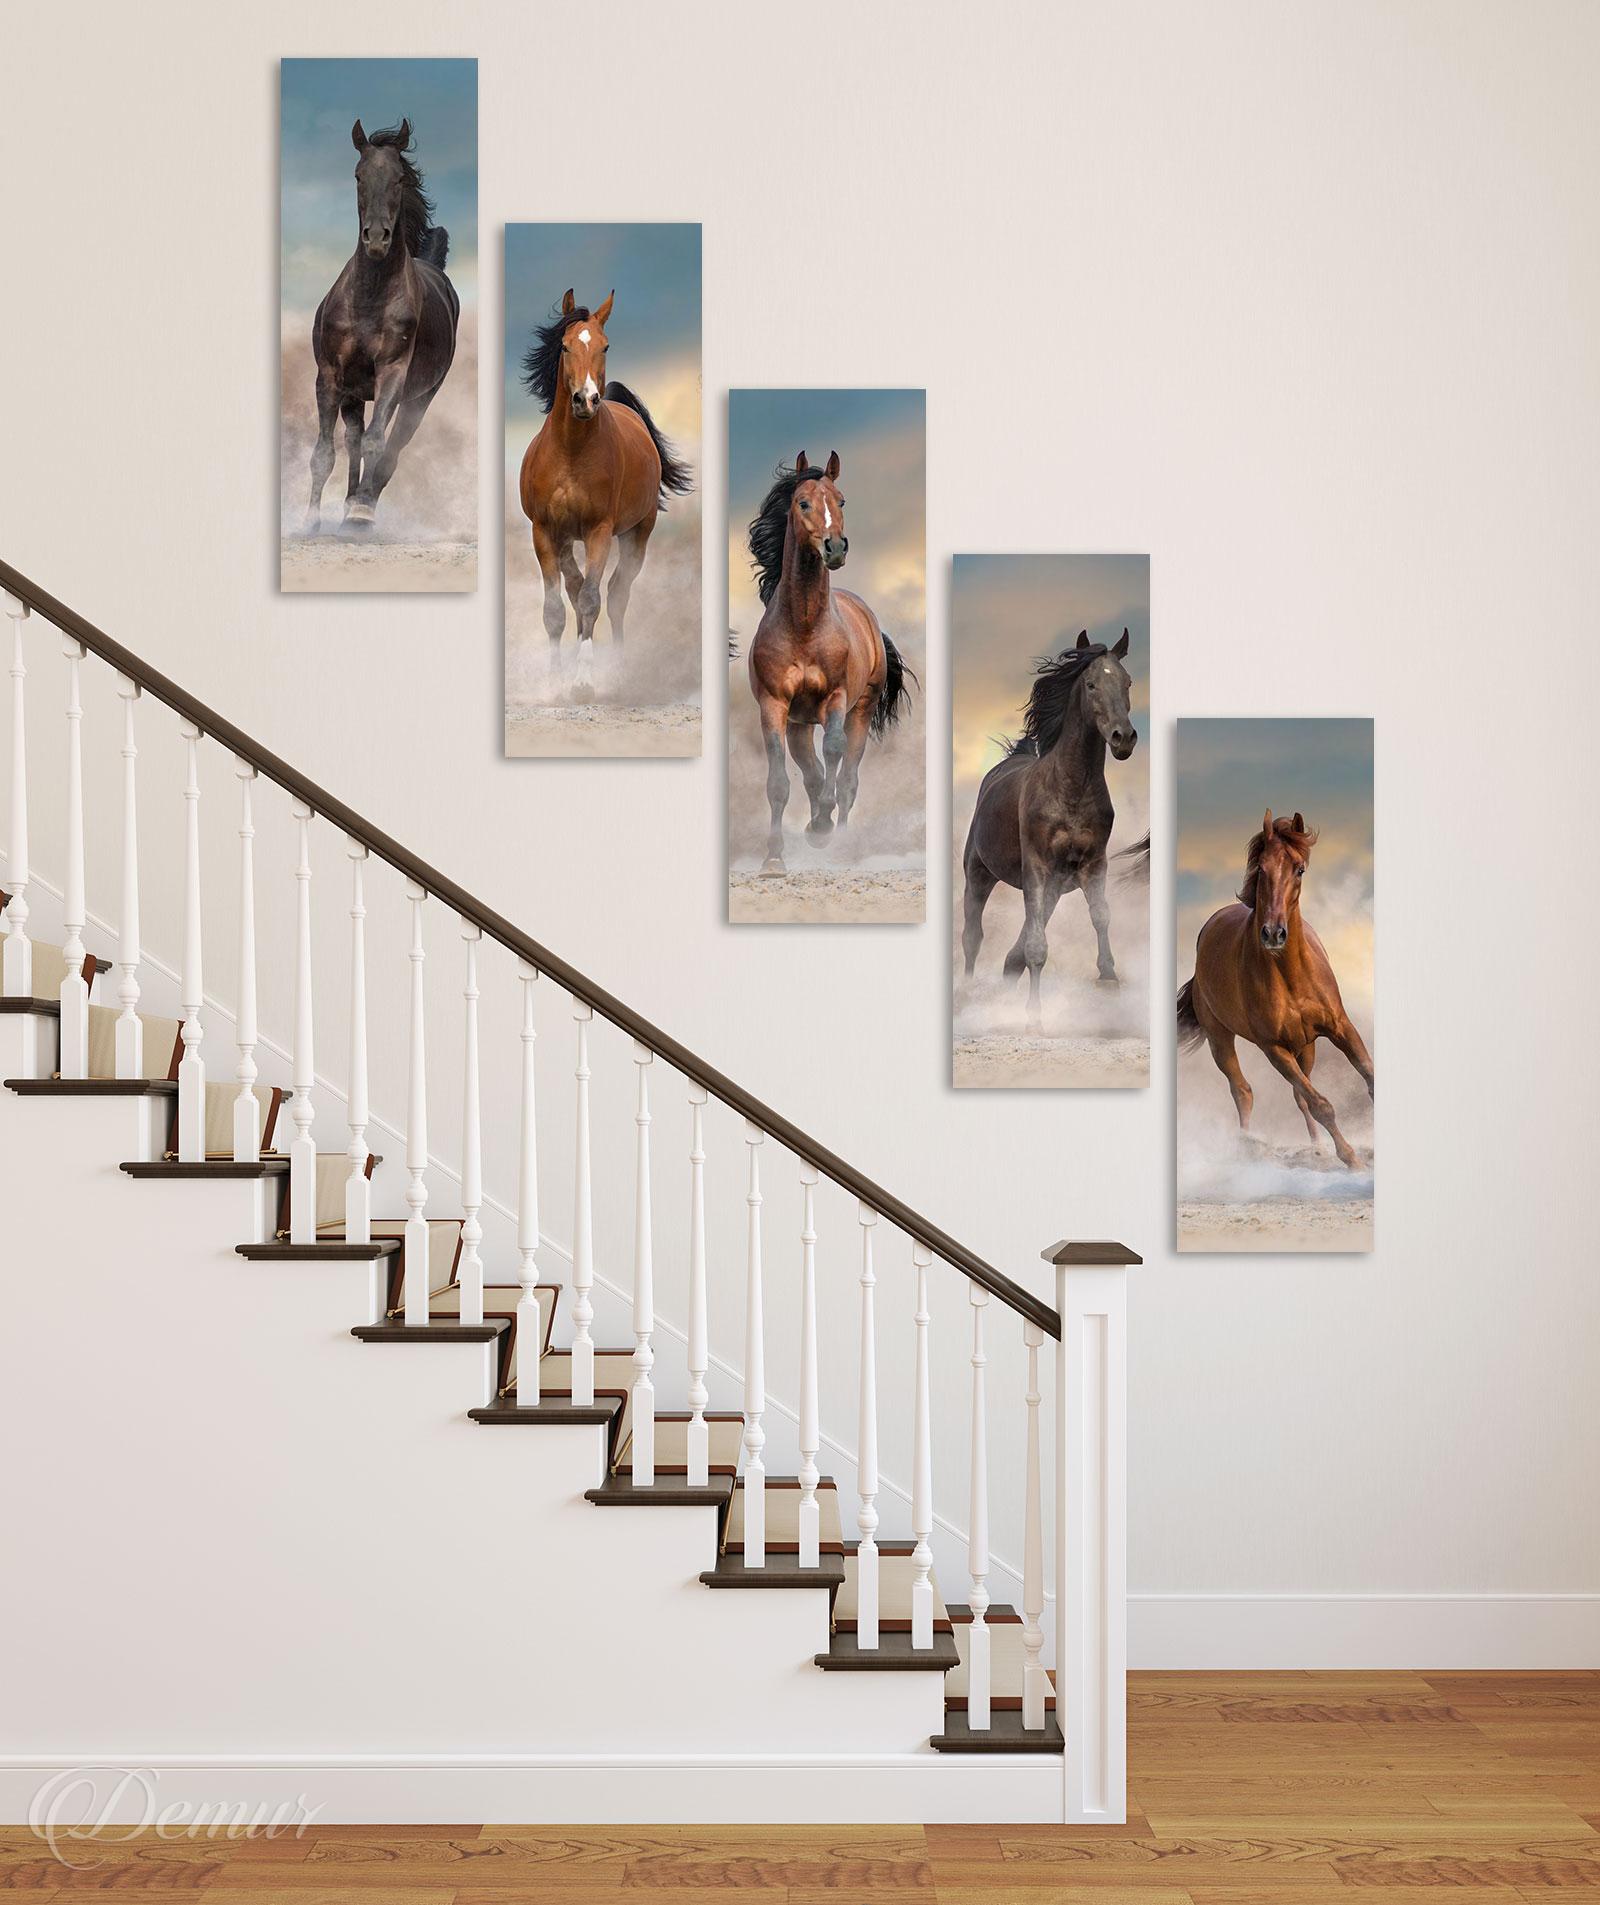 Obraz Galopujące Konie - Pomysł na ścianę przy schodach - Demur